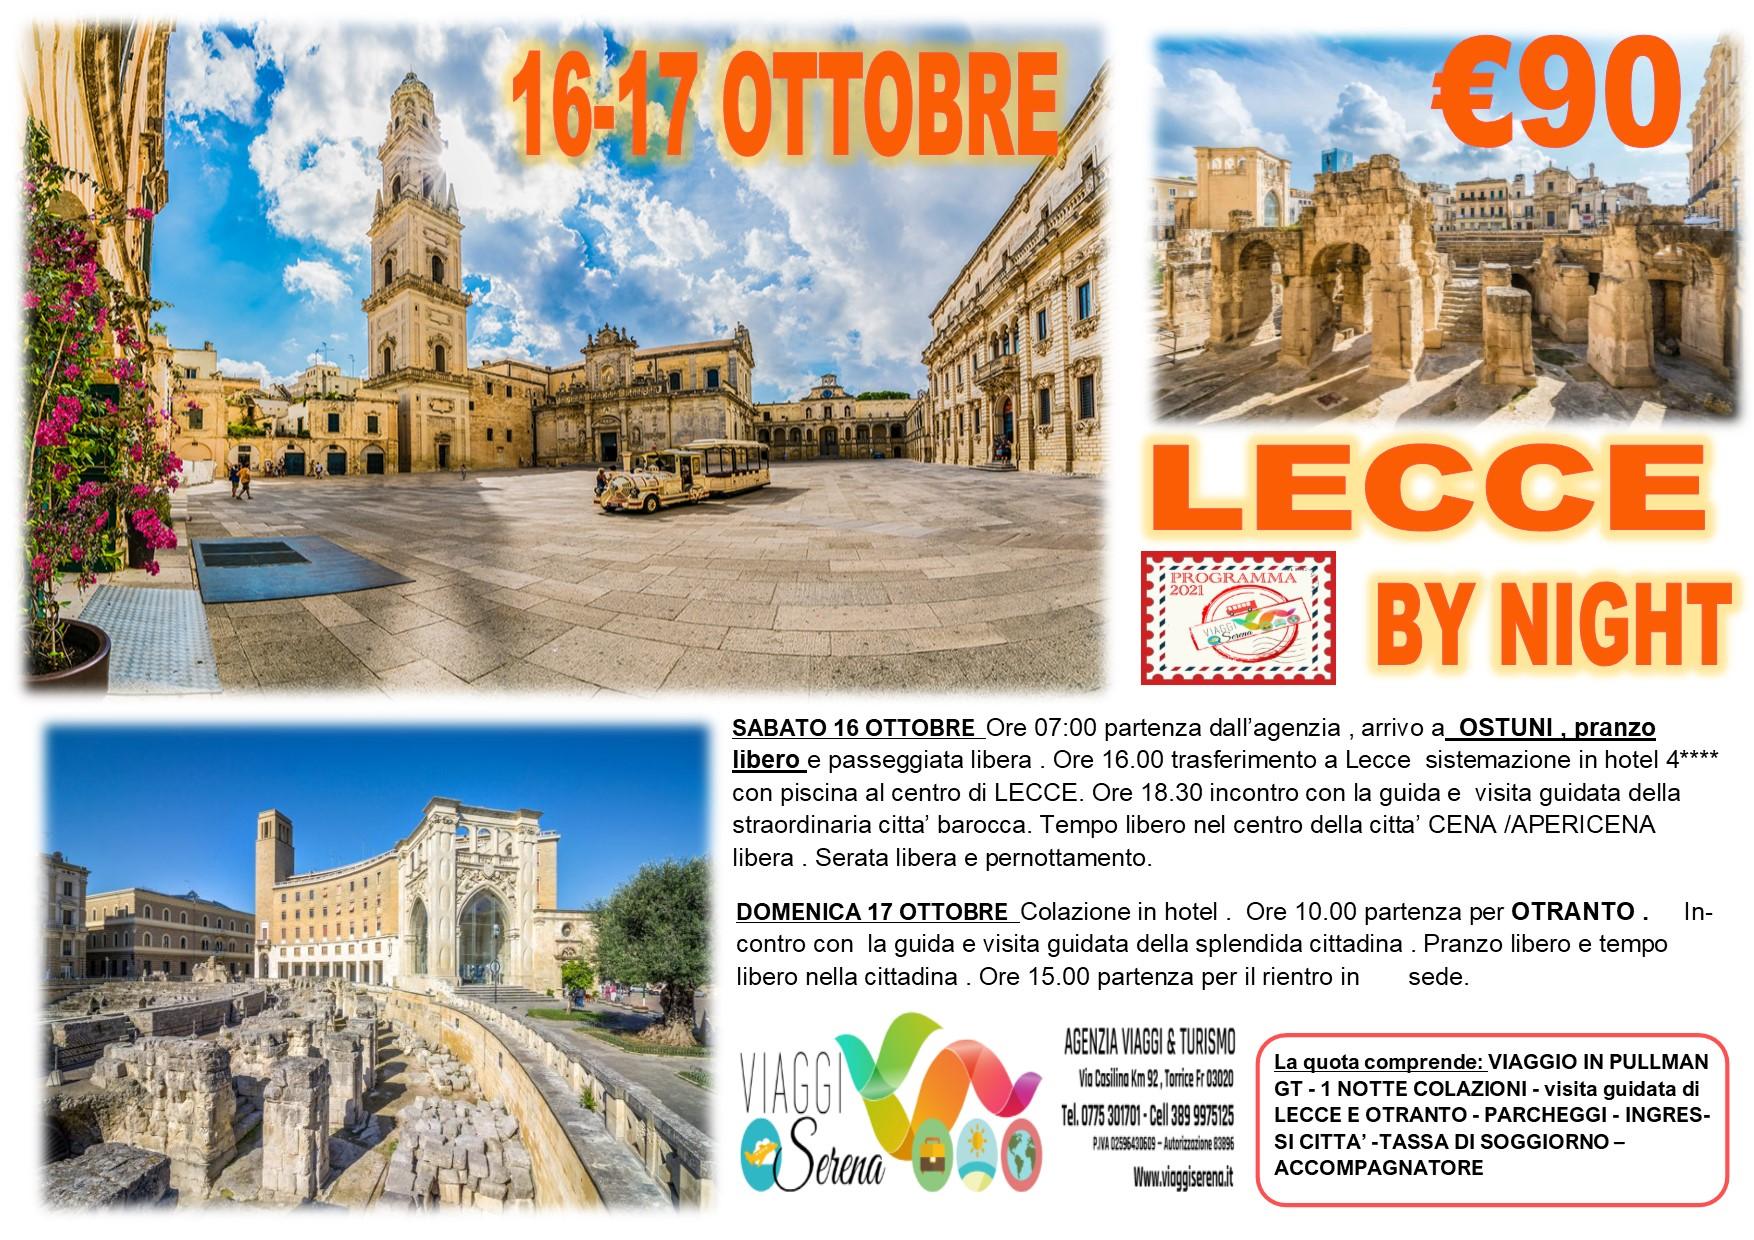 Viaggi di Gruppo: LECCE by night , Ostuni & Otranto 16-17 Ottobre € 90,00